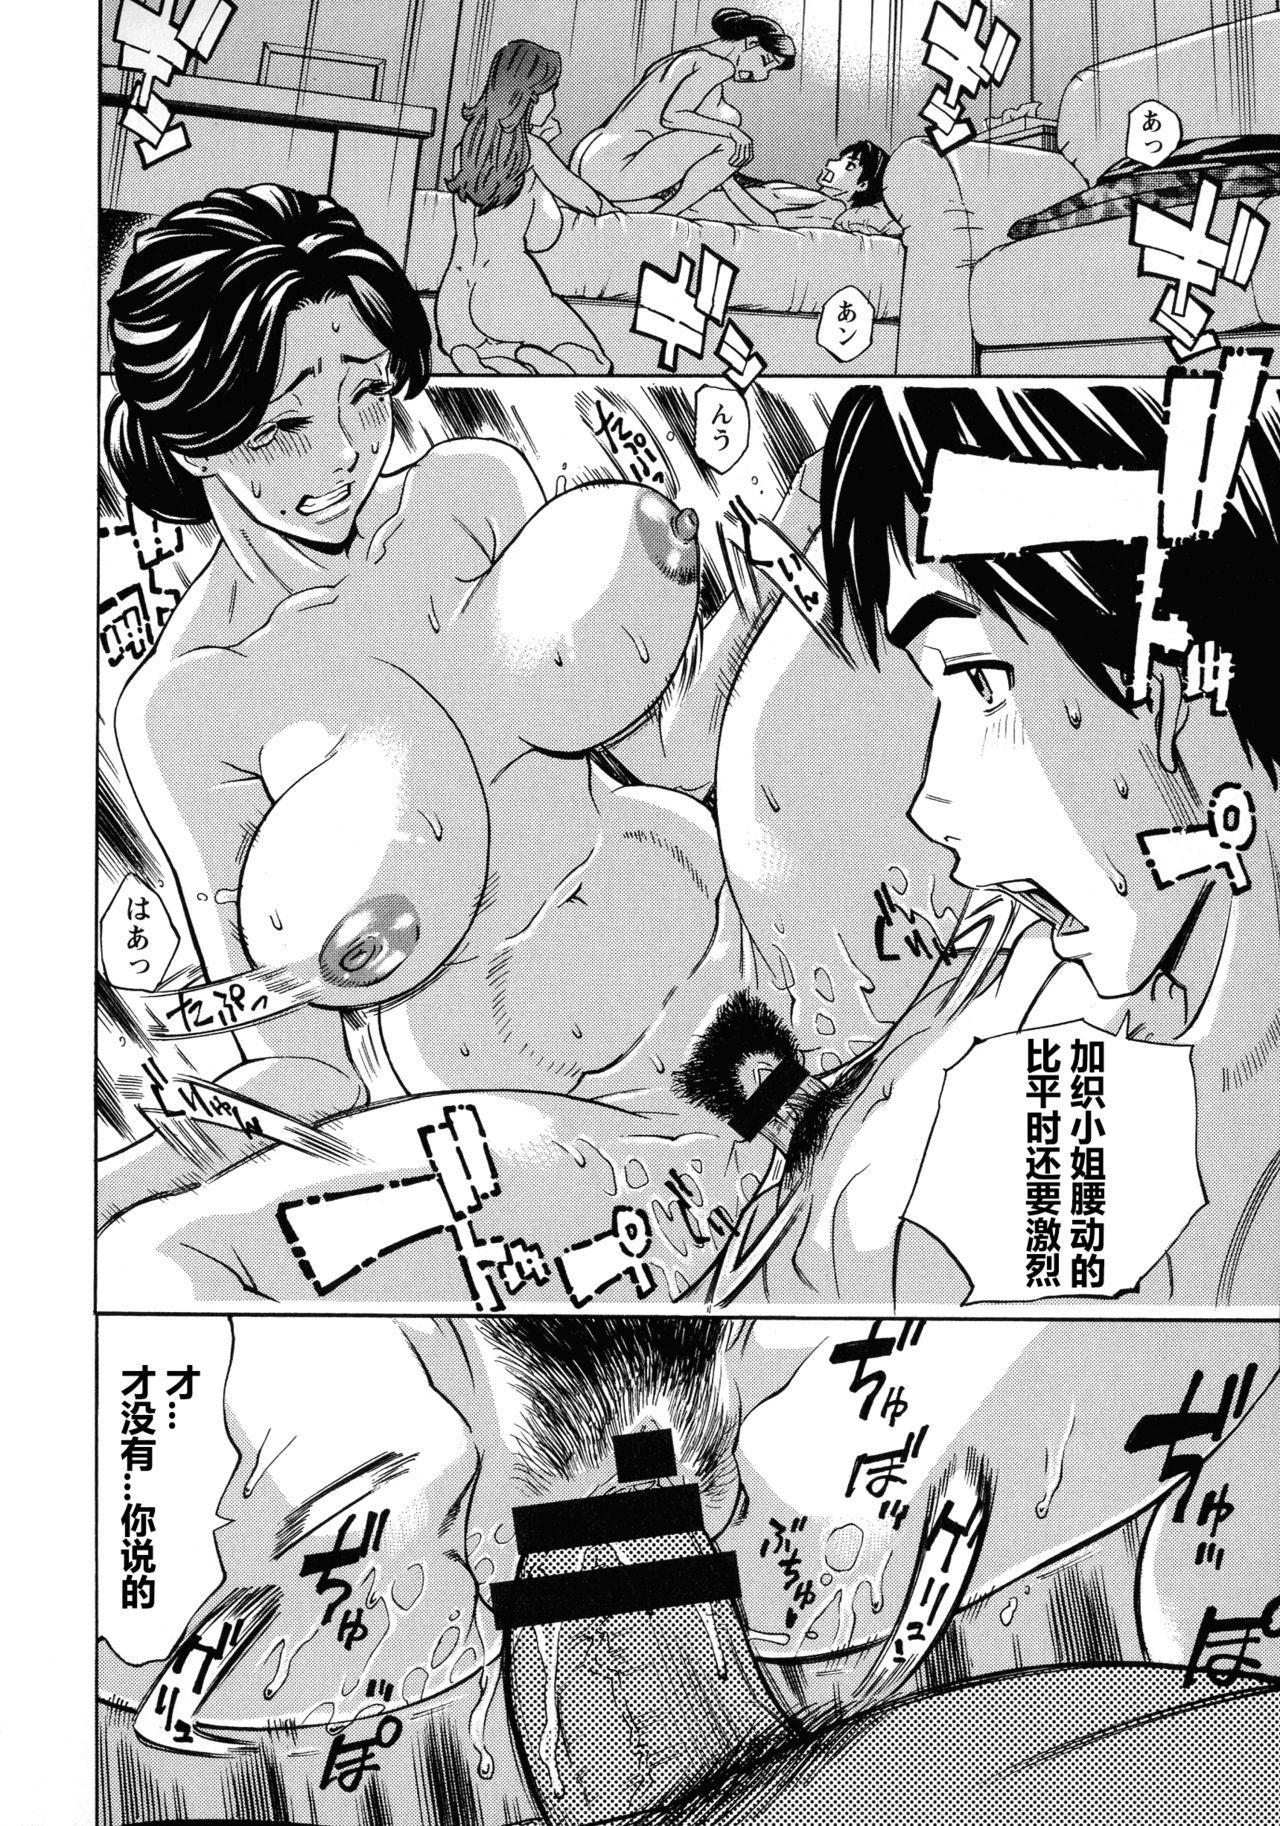 Hitozuma Koi Hanabi ~ Hajimete no Furin ga 3P ni Itaru made .04(chinese)【每天一发的个人汉化】 7